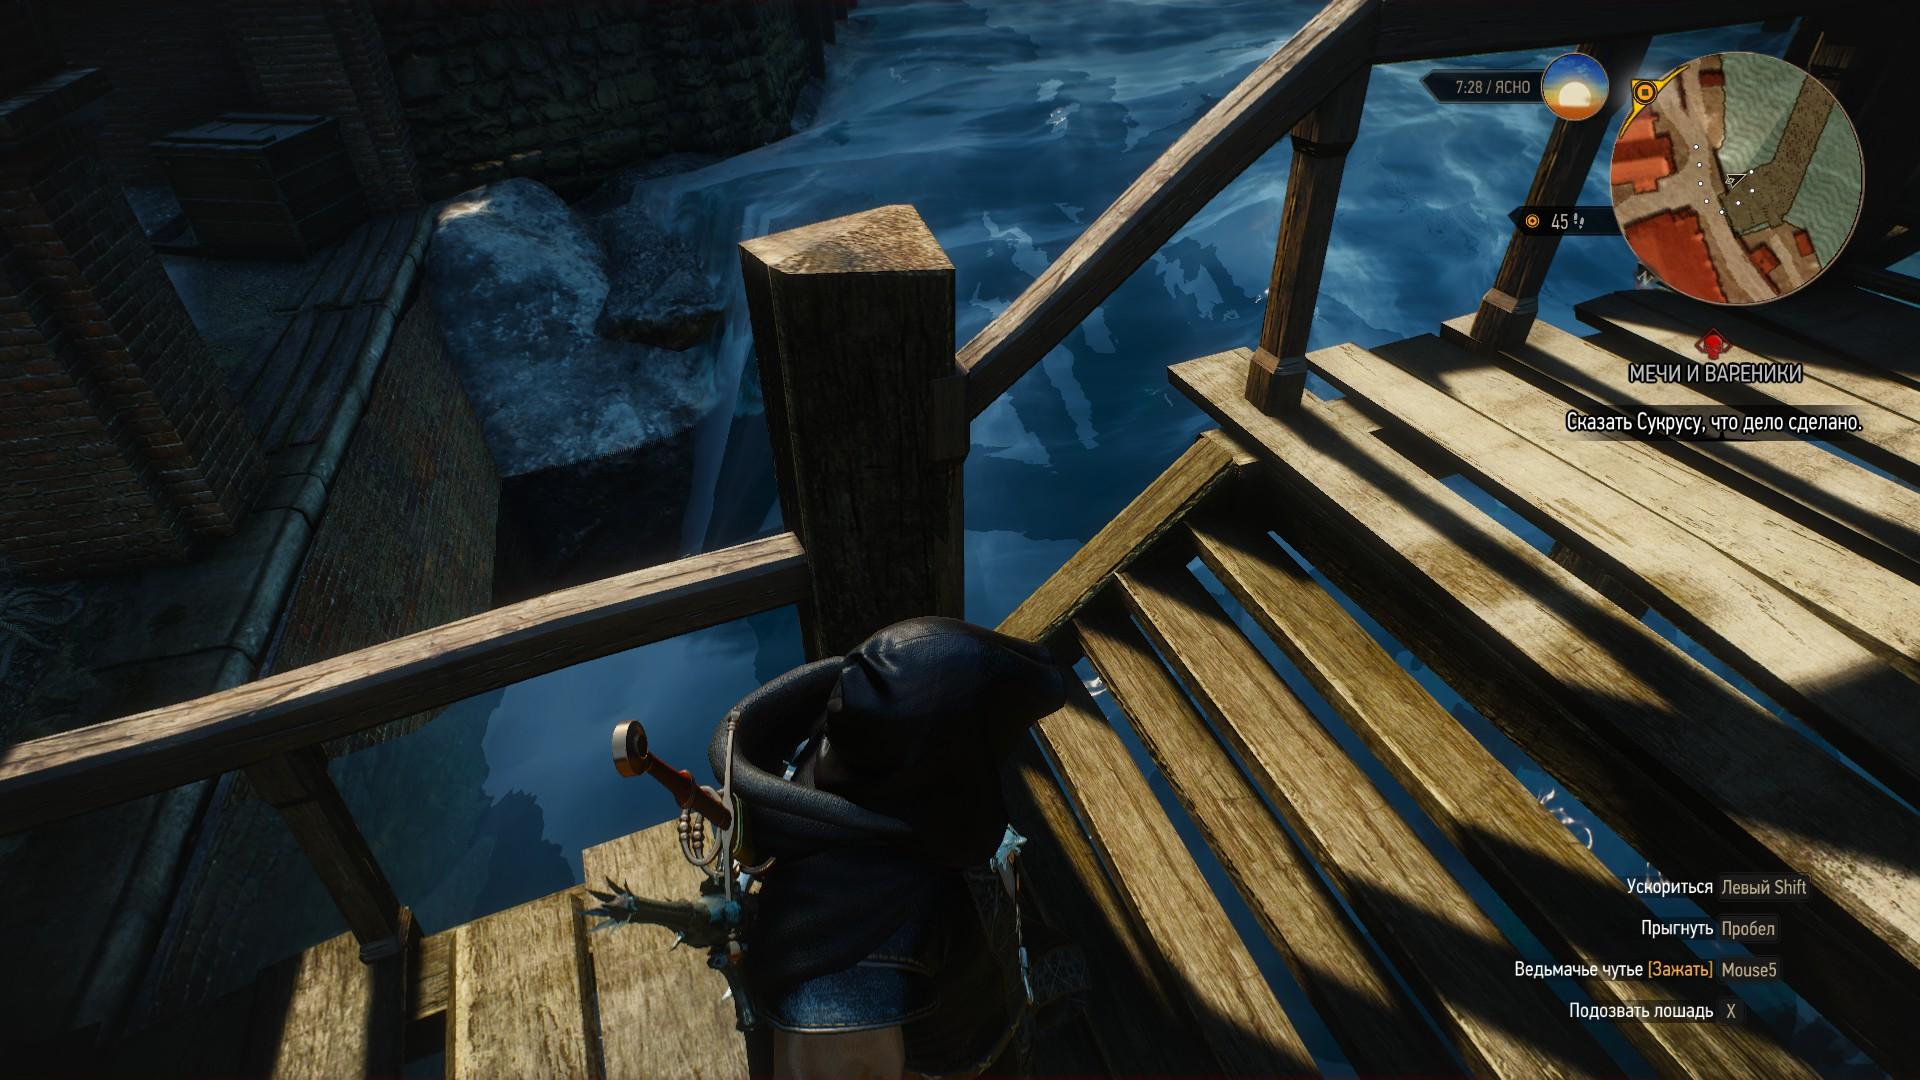 Водный провал в Новиграде - Witcher 3: Wild Hunt, the